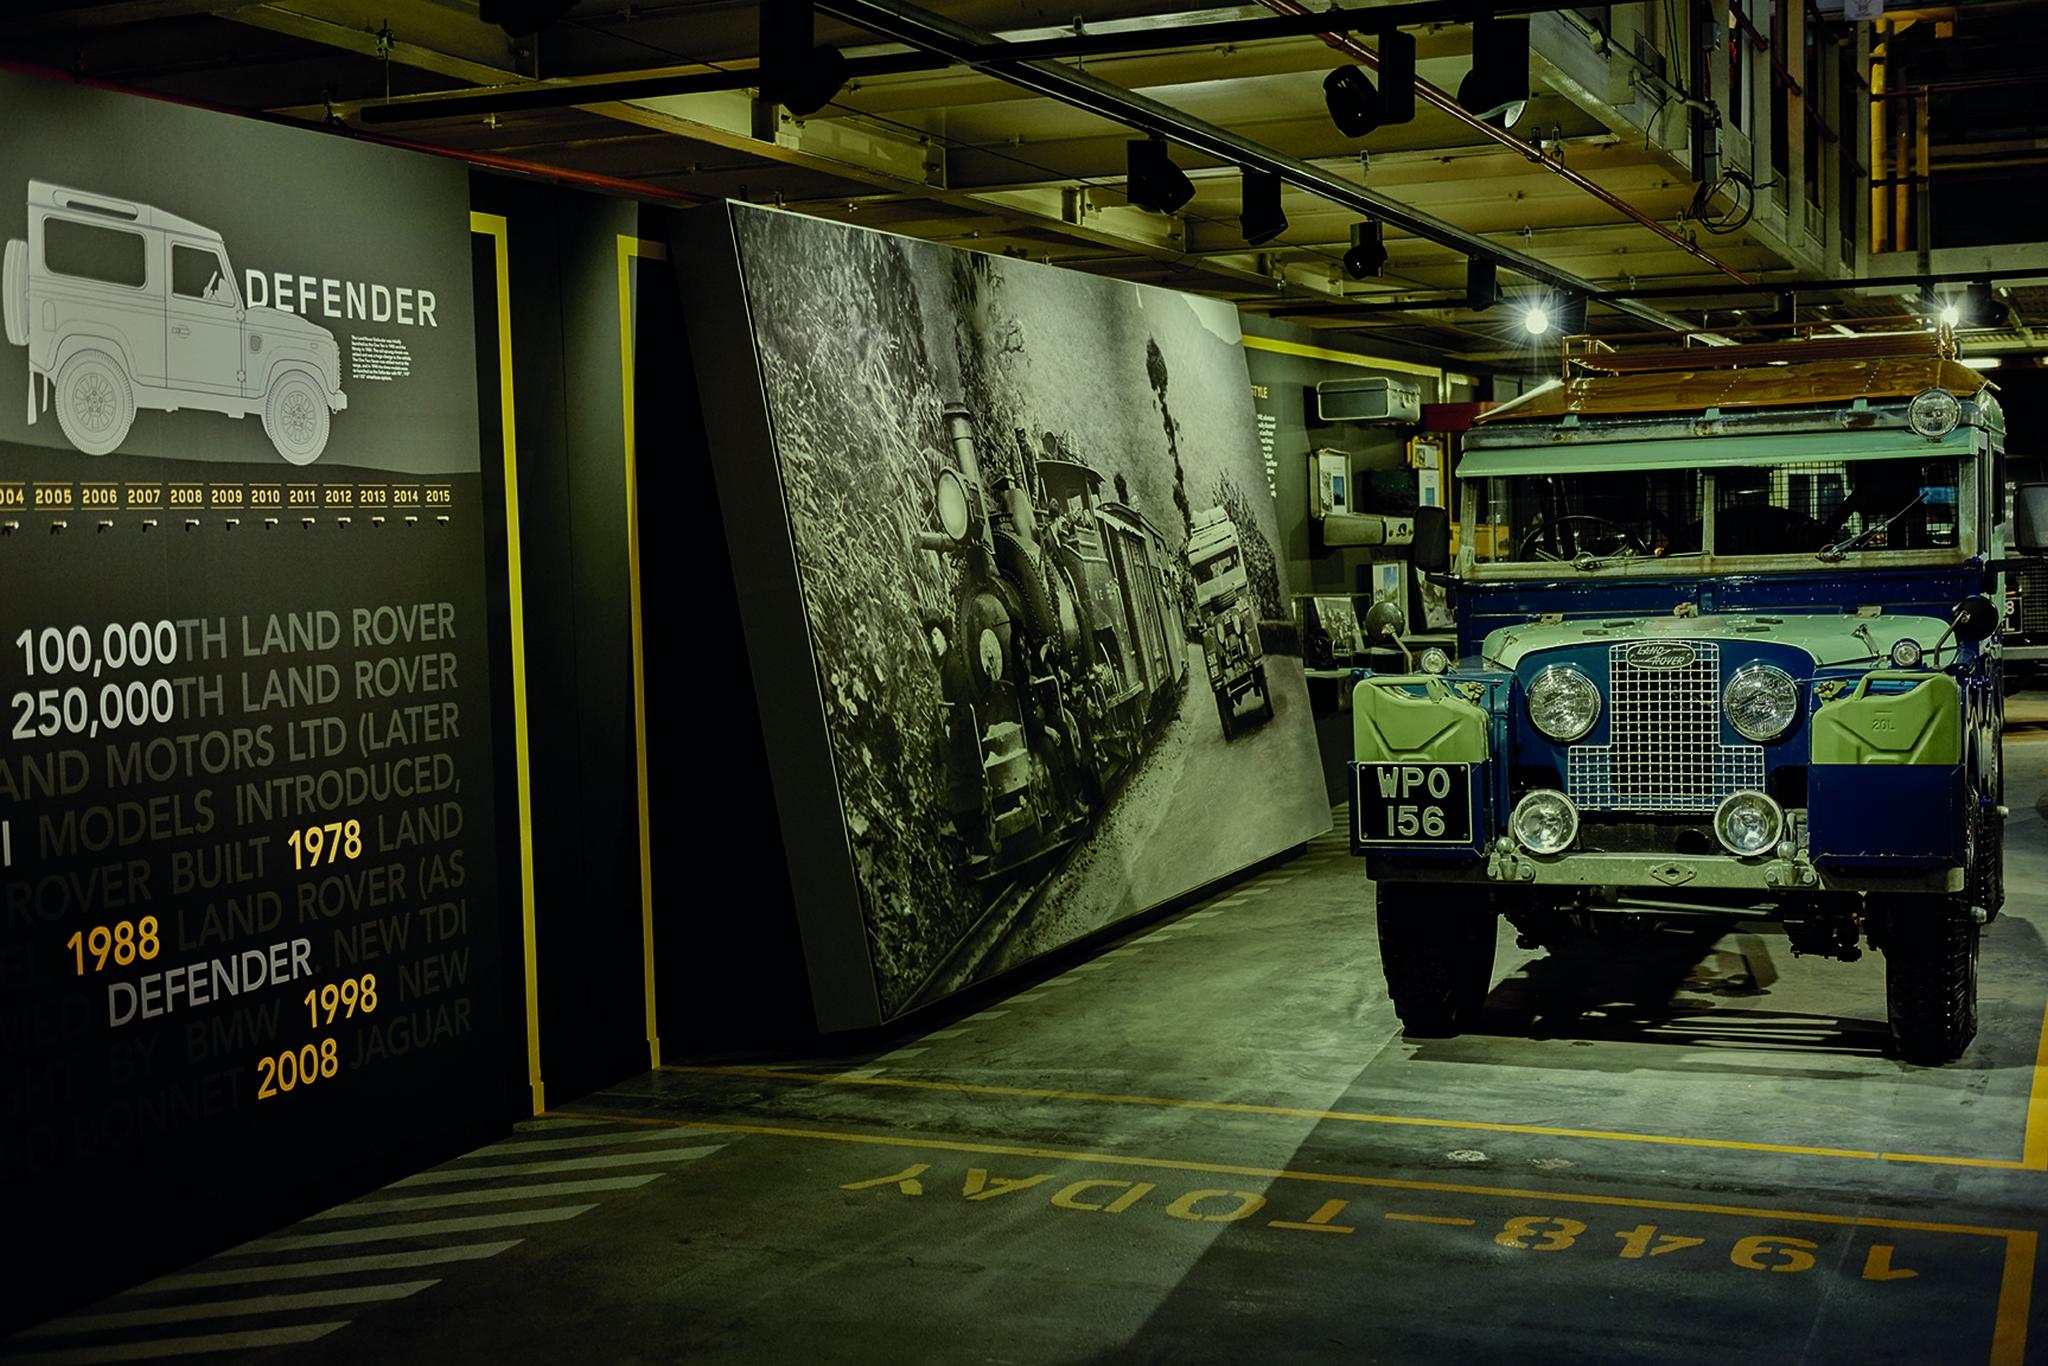 Land Rover Defender 003